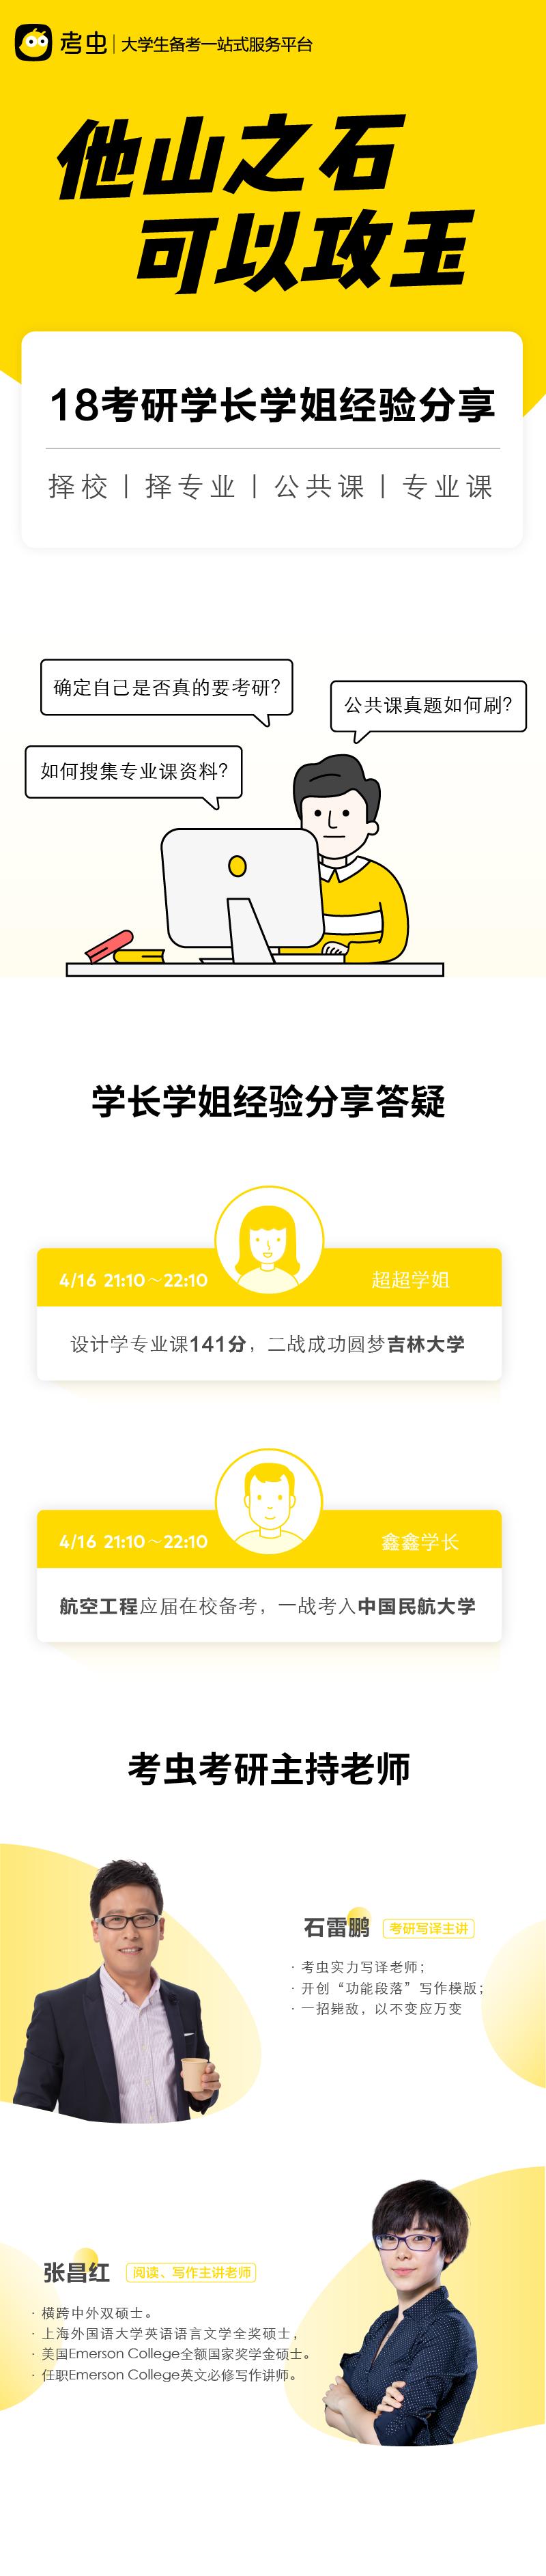 2018-04 他山之石 可以攻玉-01.png